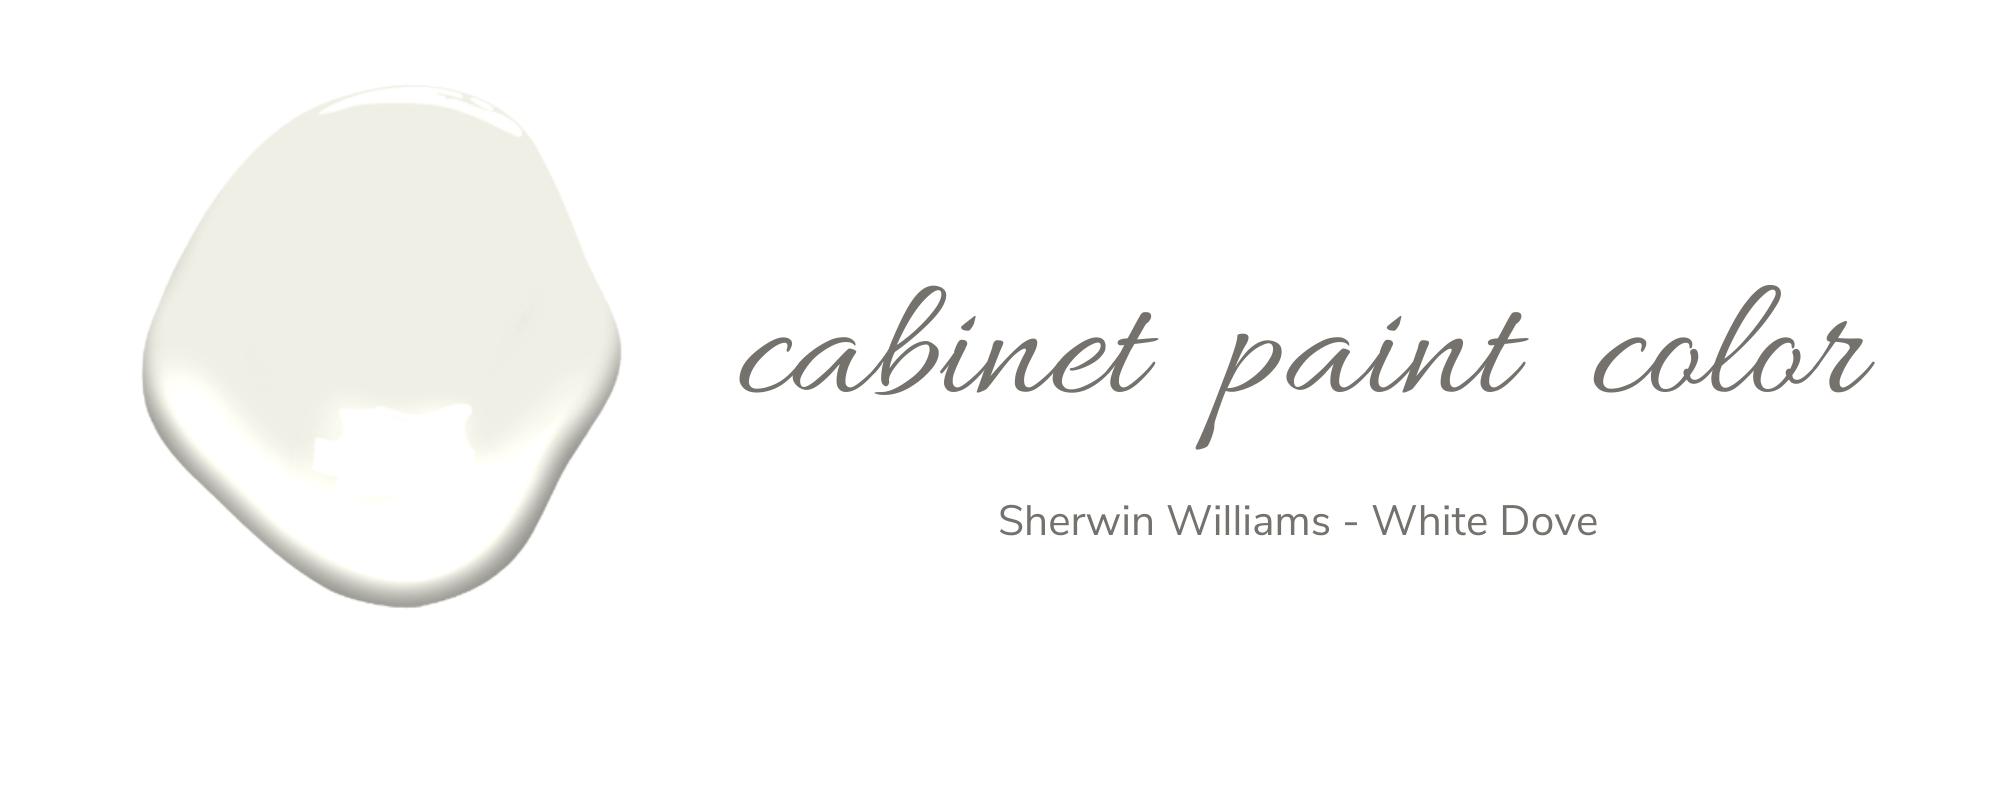 Sherwin Williams - White Dove